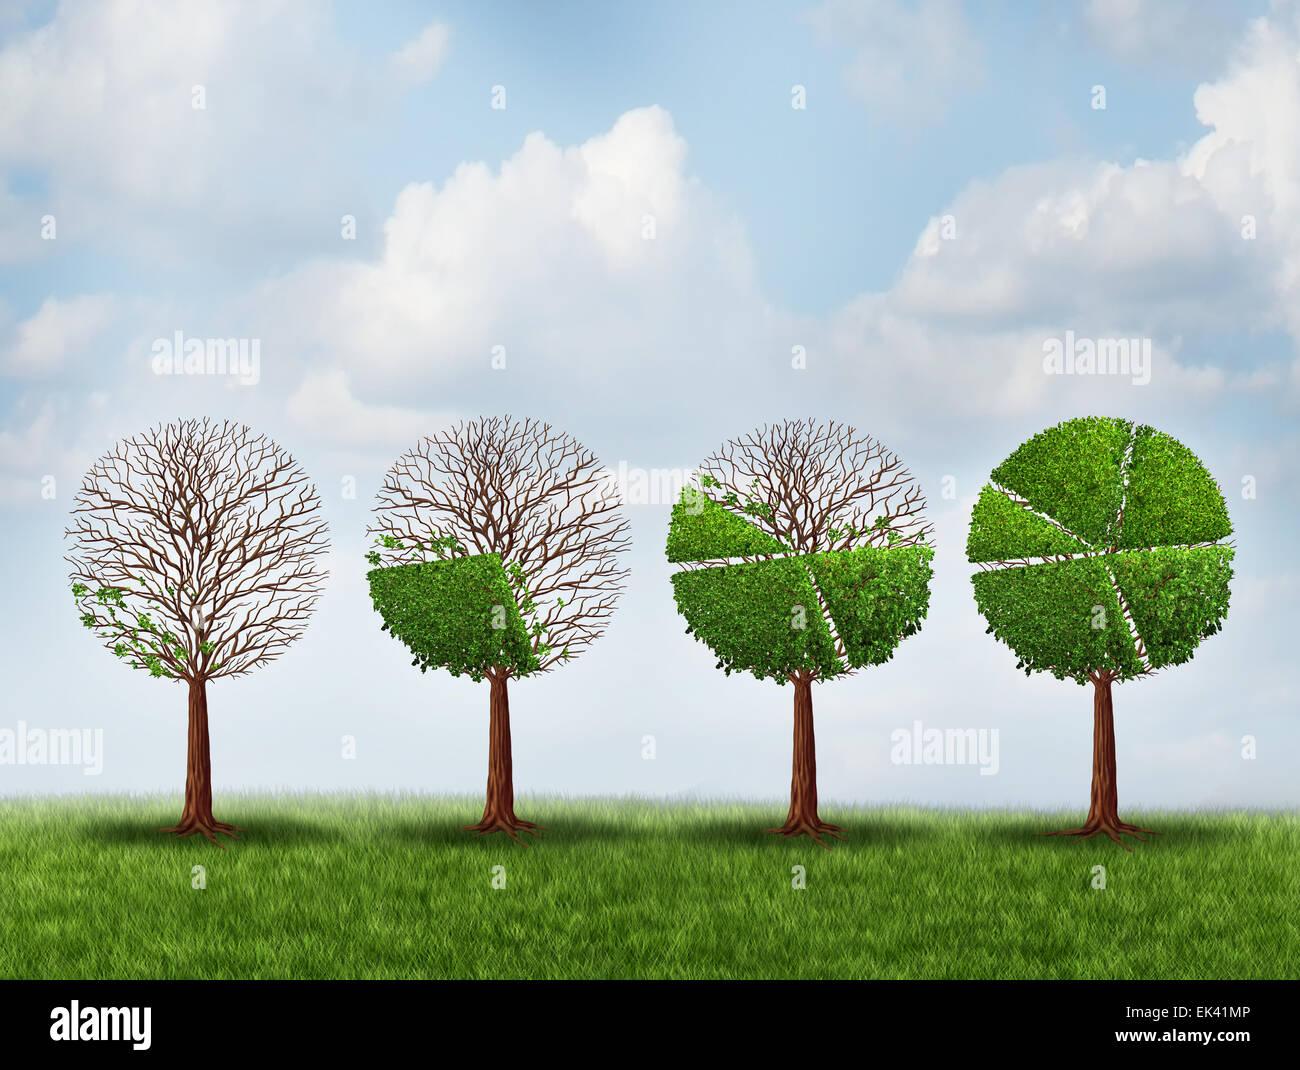 La prospérité économique concept financier comme un groupe d'arbres verts en forme de diagramme Photo Stock